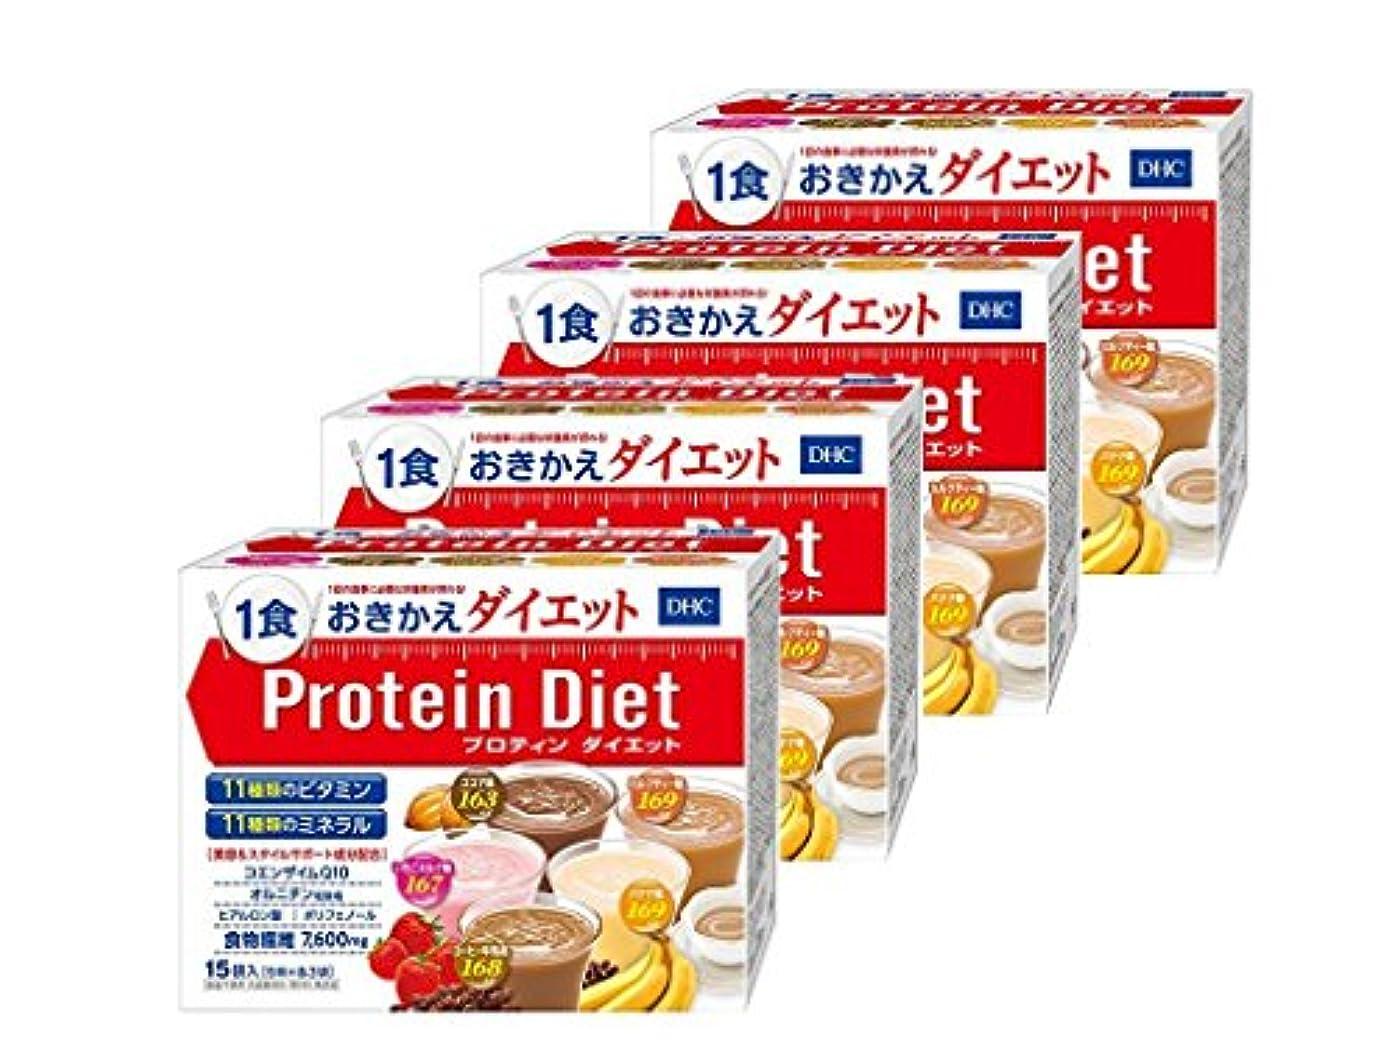 ギャザーメディカル戻すDHCプロティンダイエット15袋入 4個セット_sale